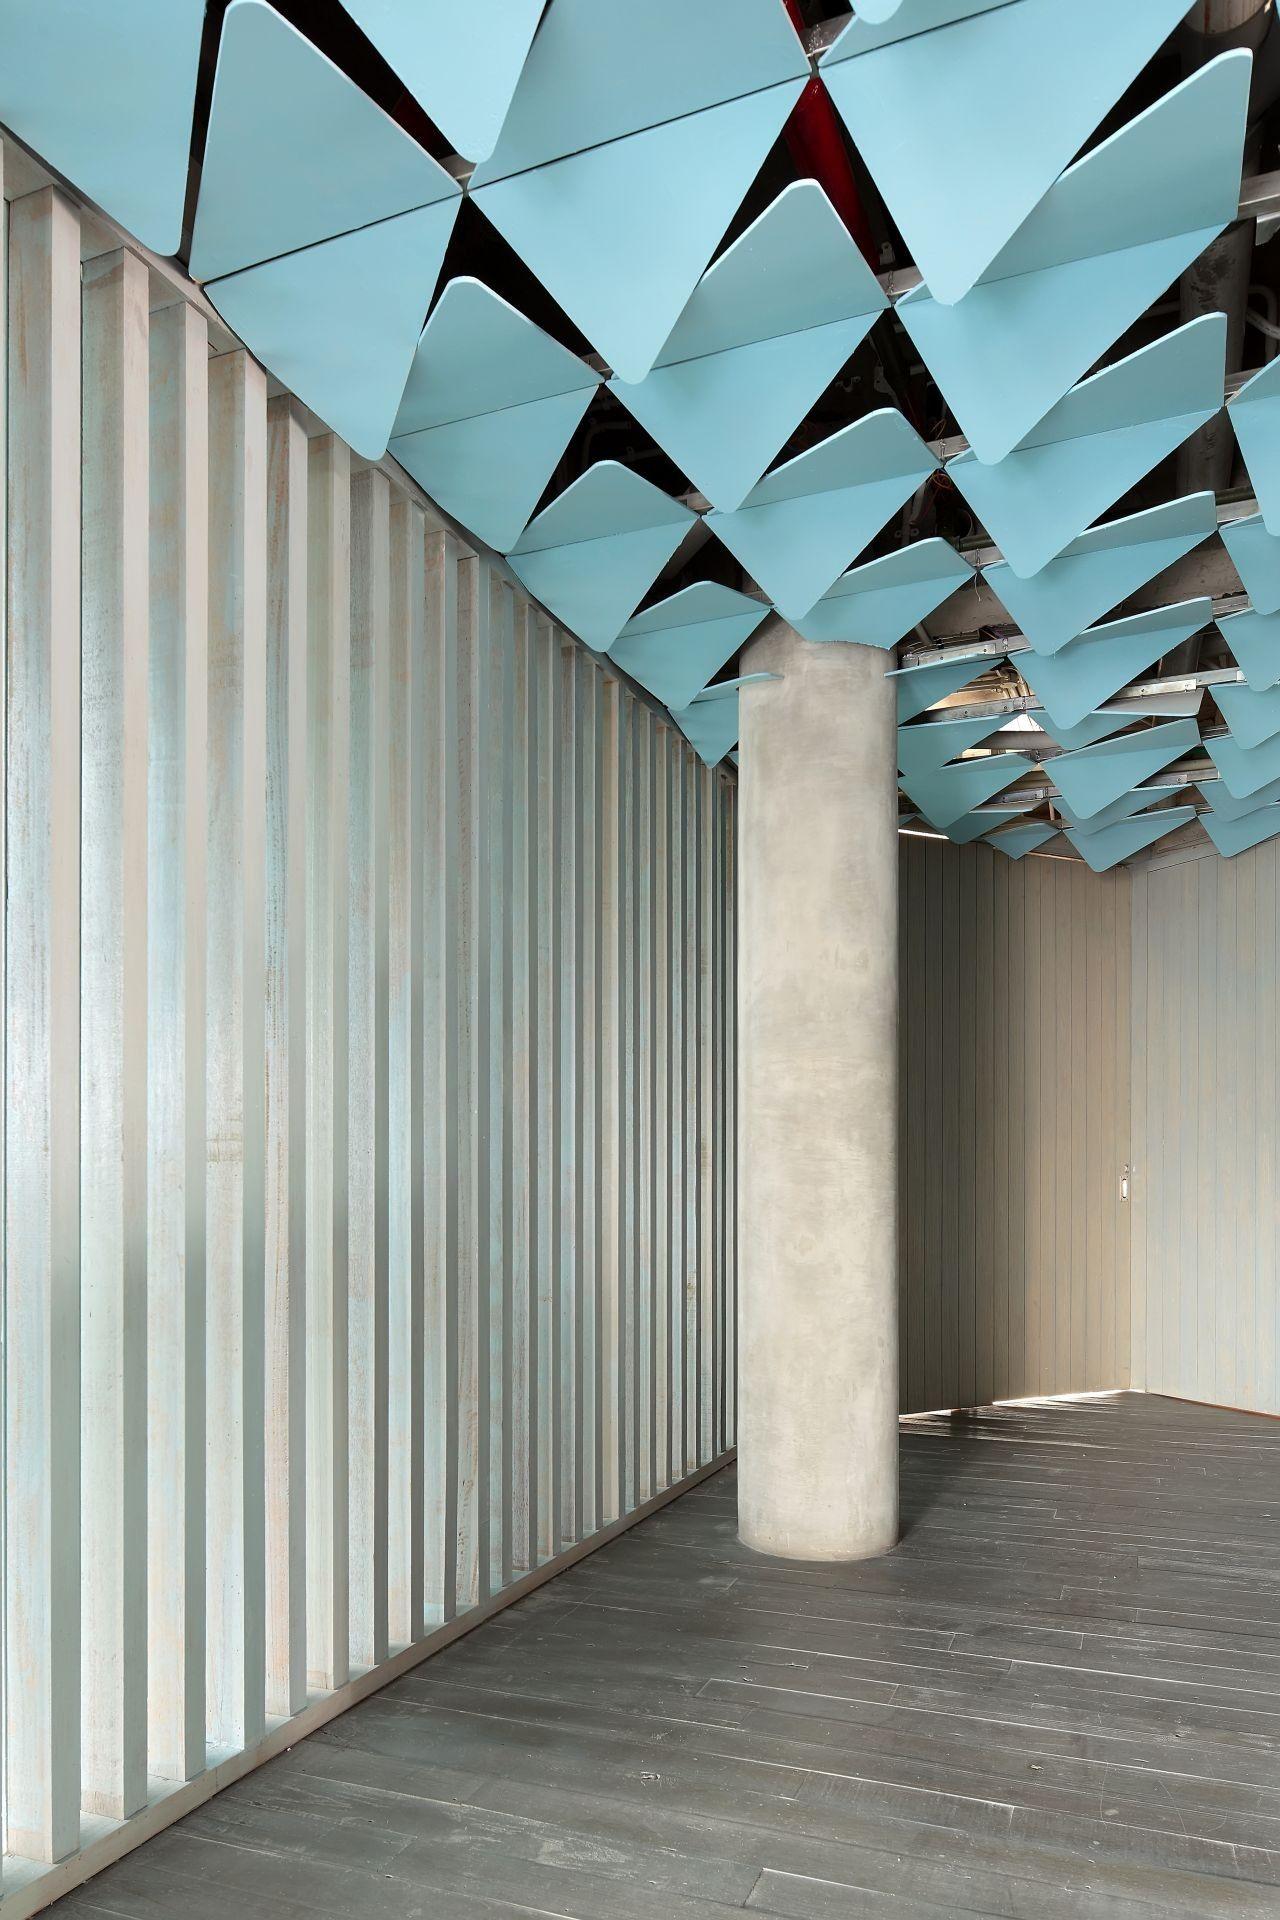 Gallery of IZE HOTEL / Studio TonTon - 26